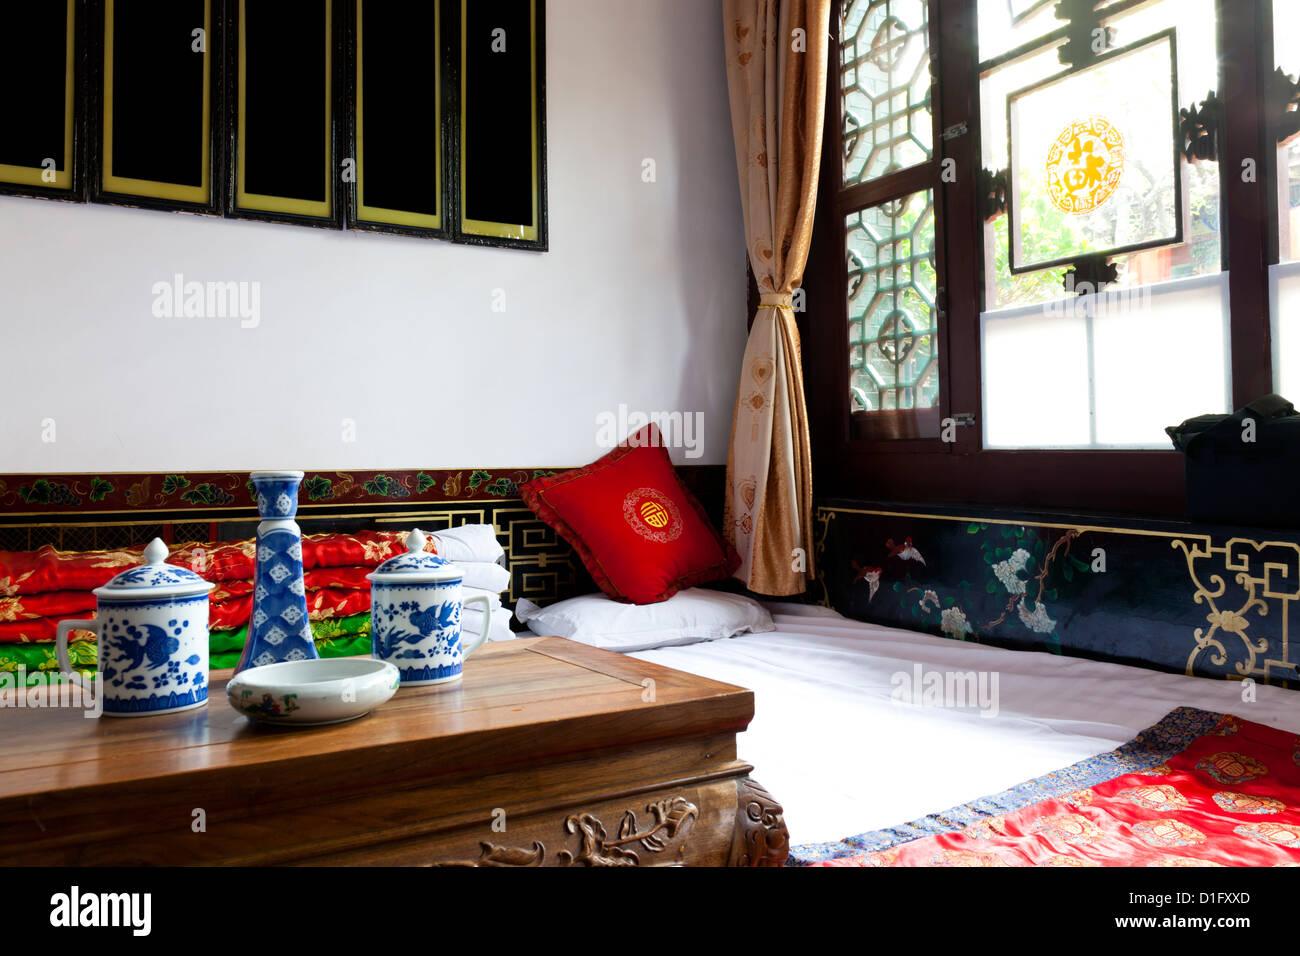 Chambre traditionnelle chinoise, généralement dans la campagne